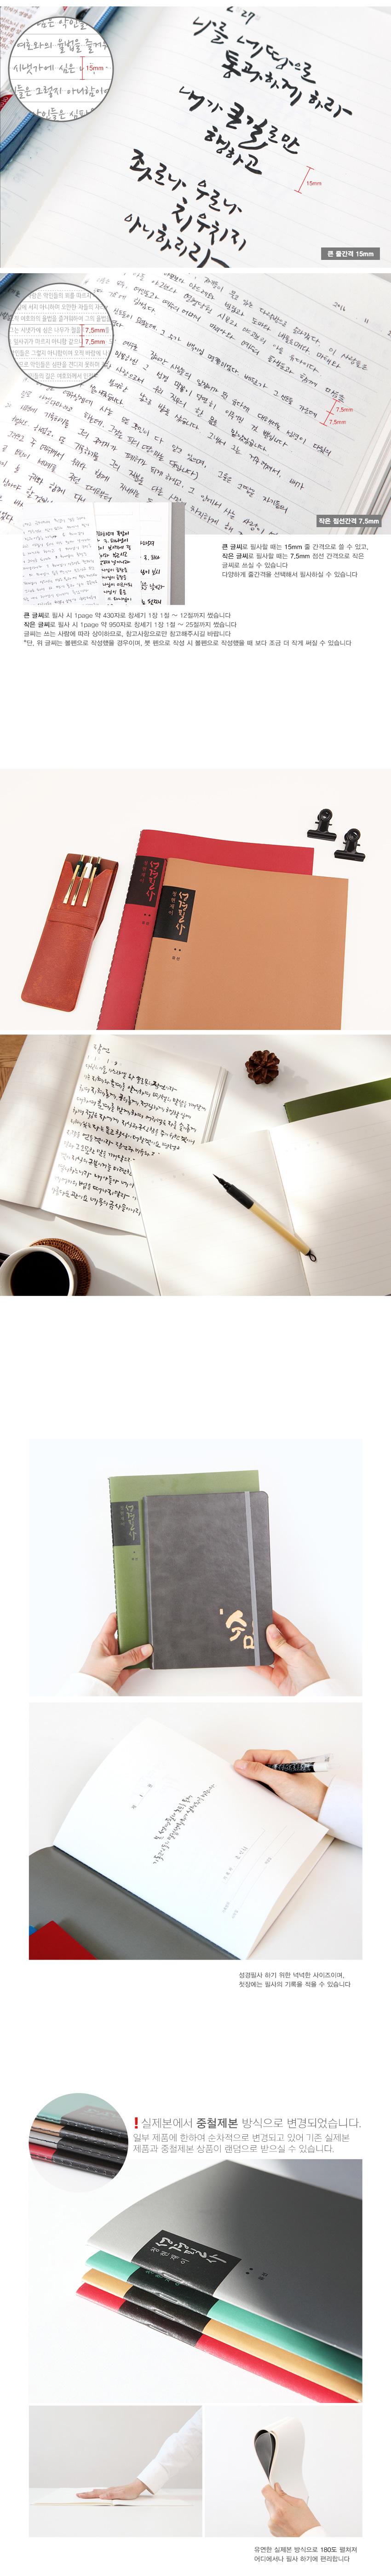 청현재이 성경필사노트 05.연브라운(유선) - 그레이스벨, 3,200원, 베이직노트, 무선노트